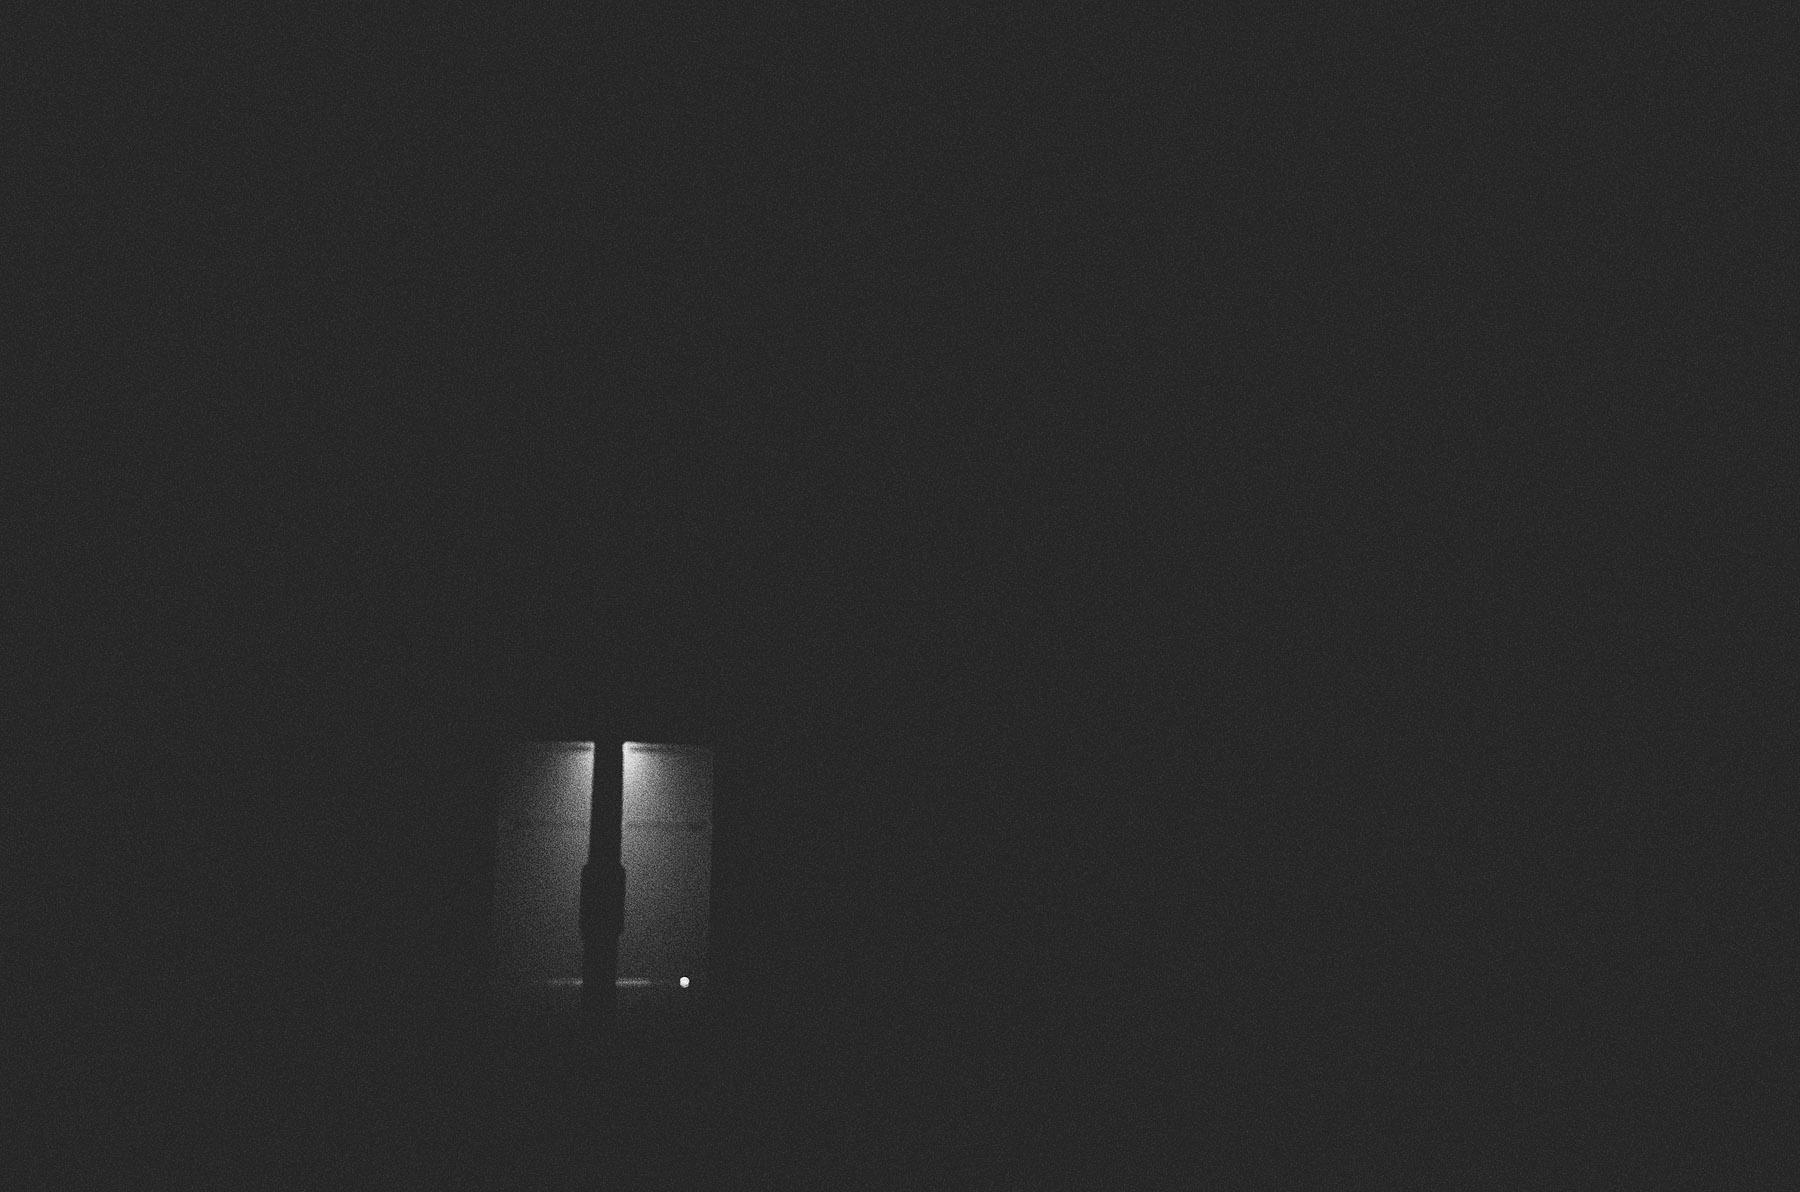 心象攝影,GR,黑白,心情